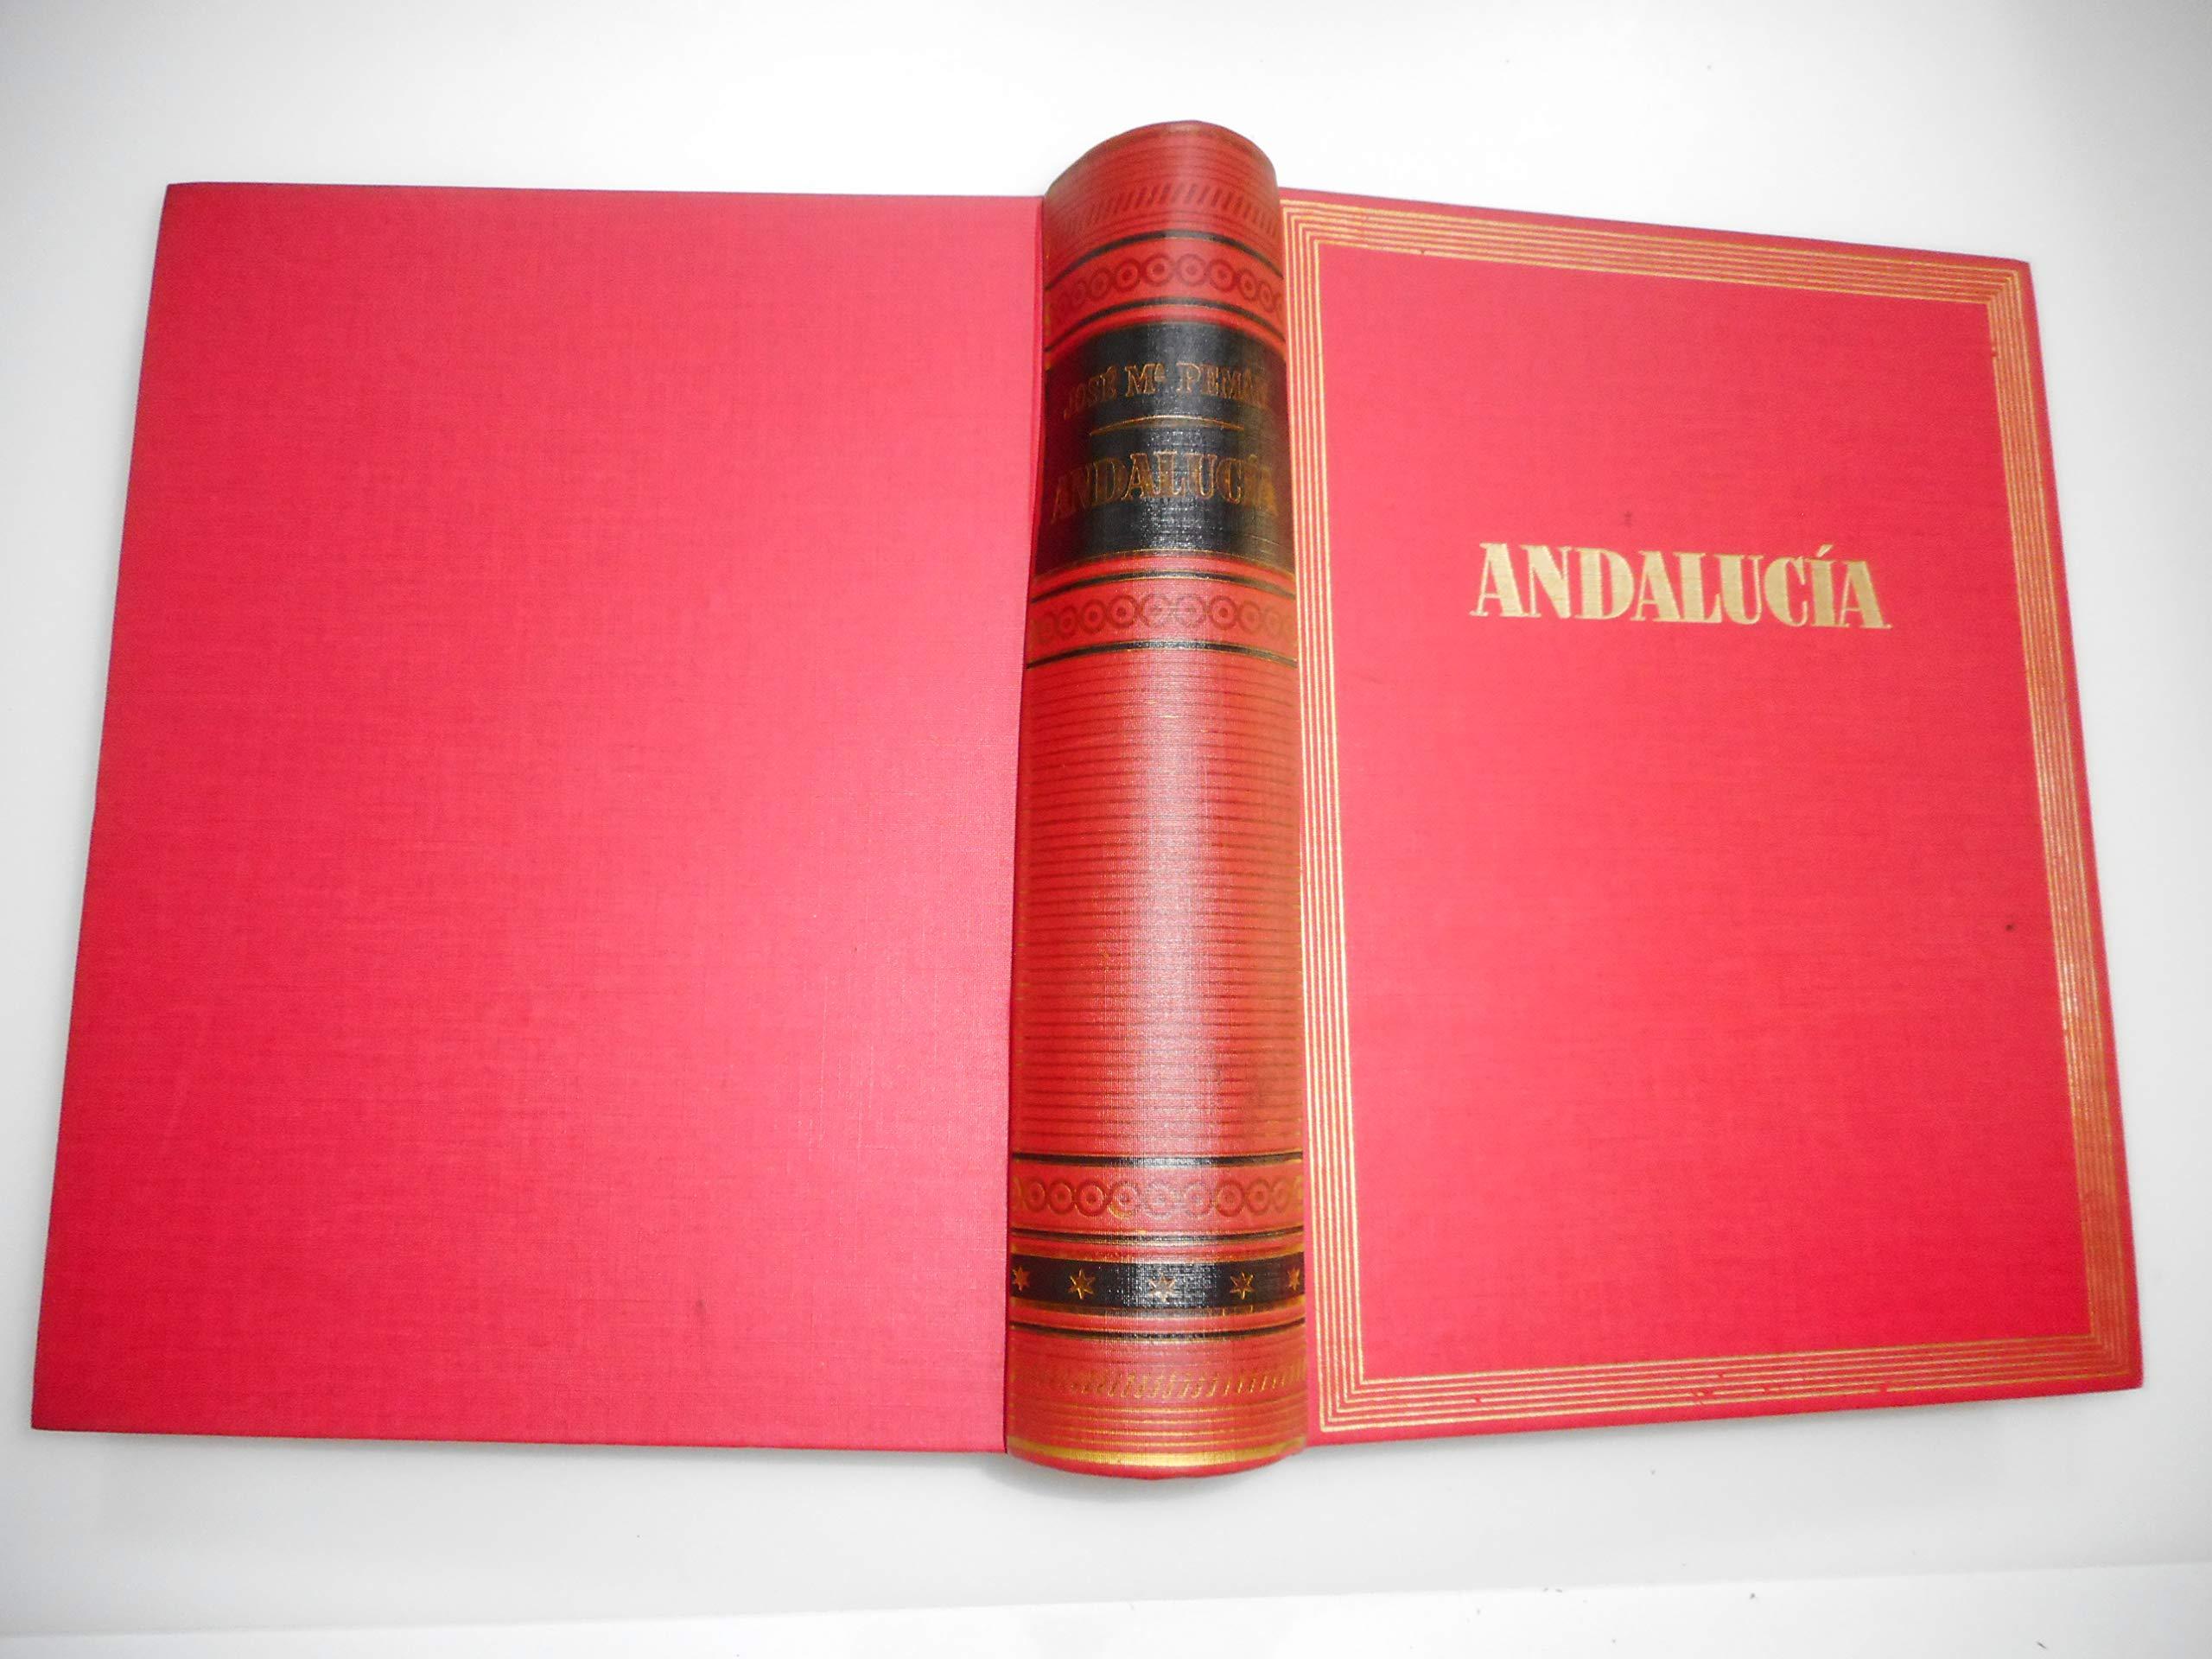 Andalucía: Amazon.es: JOSÉ Mª PEMÁN: Libros